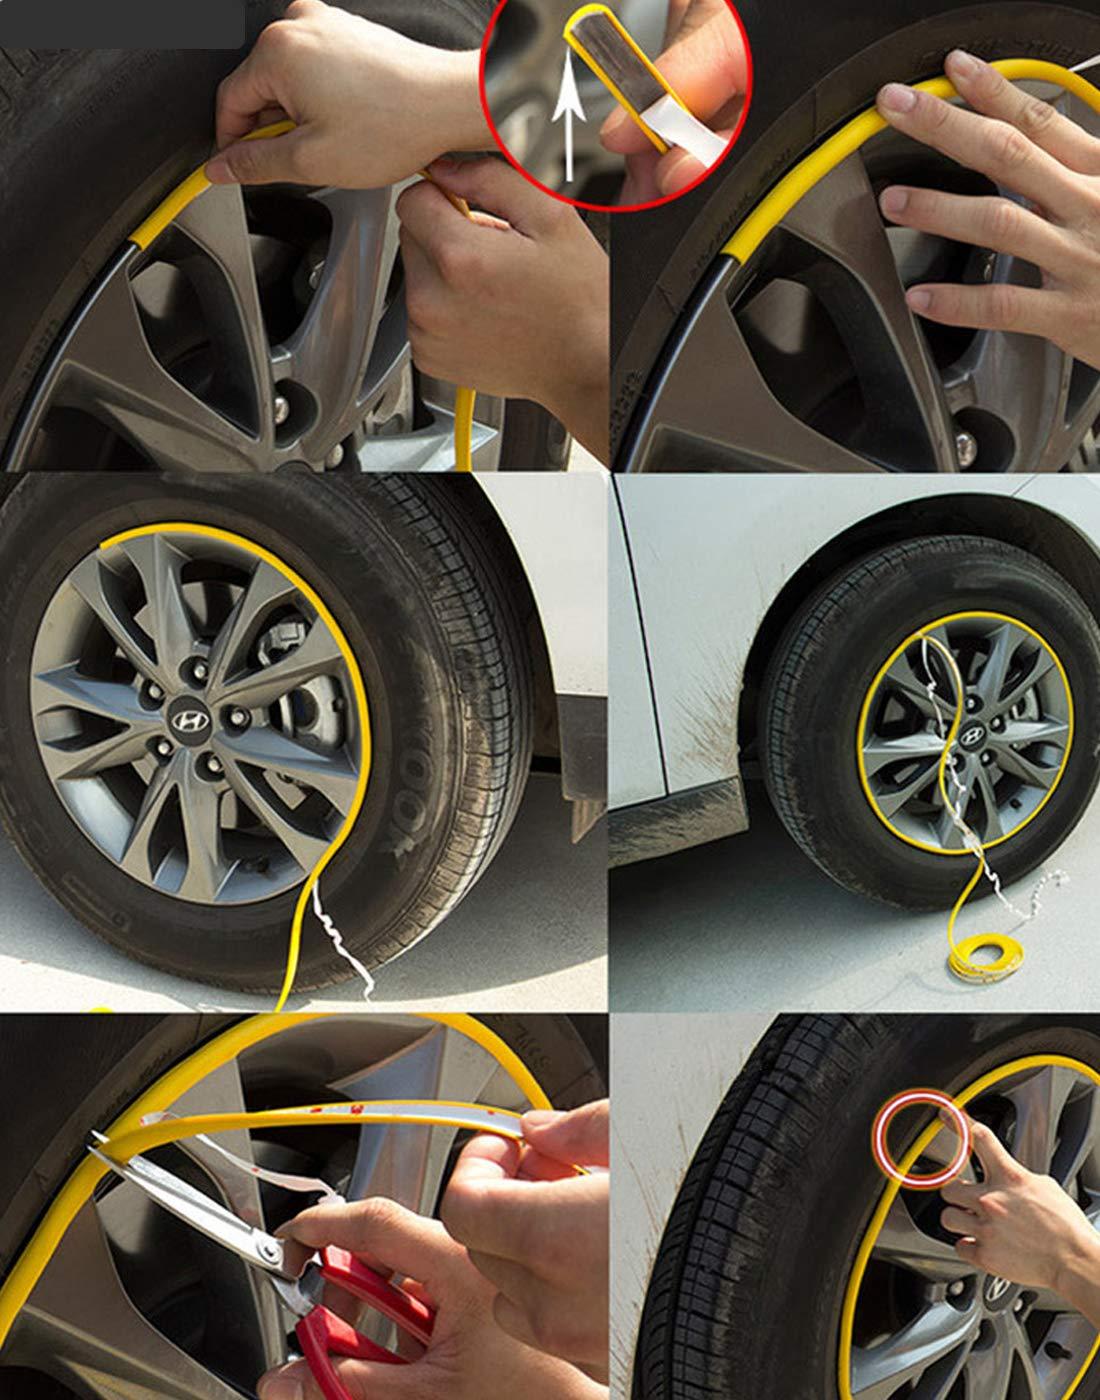 Blau 26Ft Auto LKW Felgenblende Auto Dekoration Nadelstreifen Fahrrad Motorrad Anti-Kollision TPE-Zierstreifen